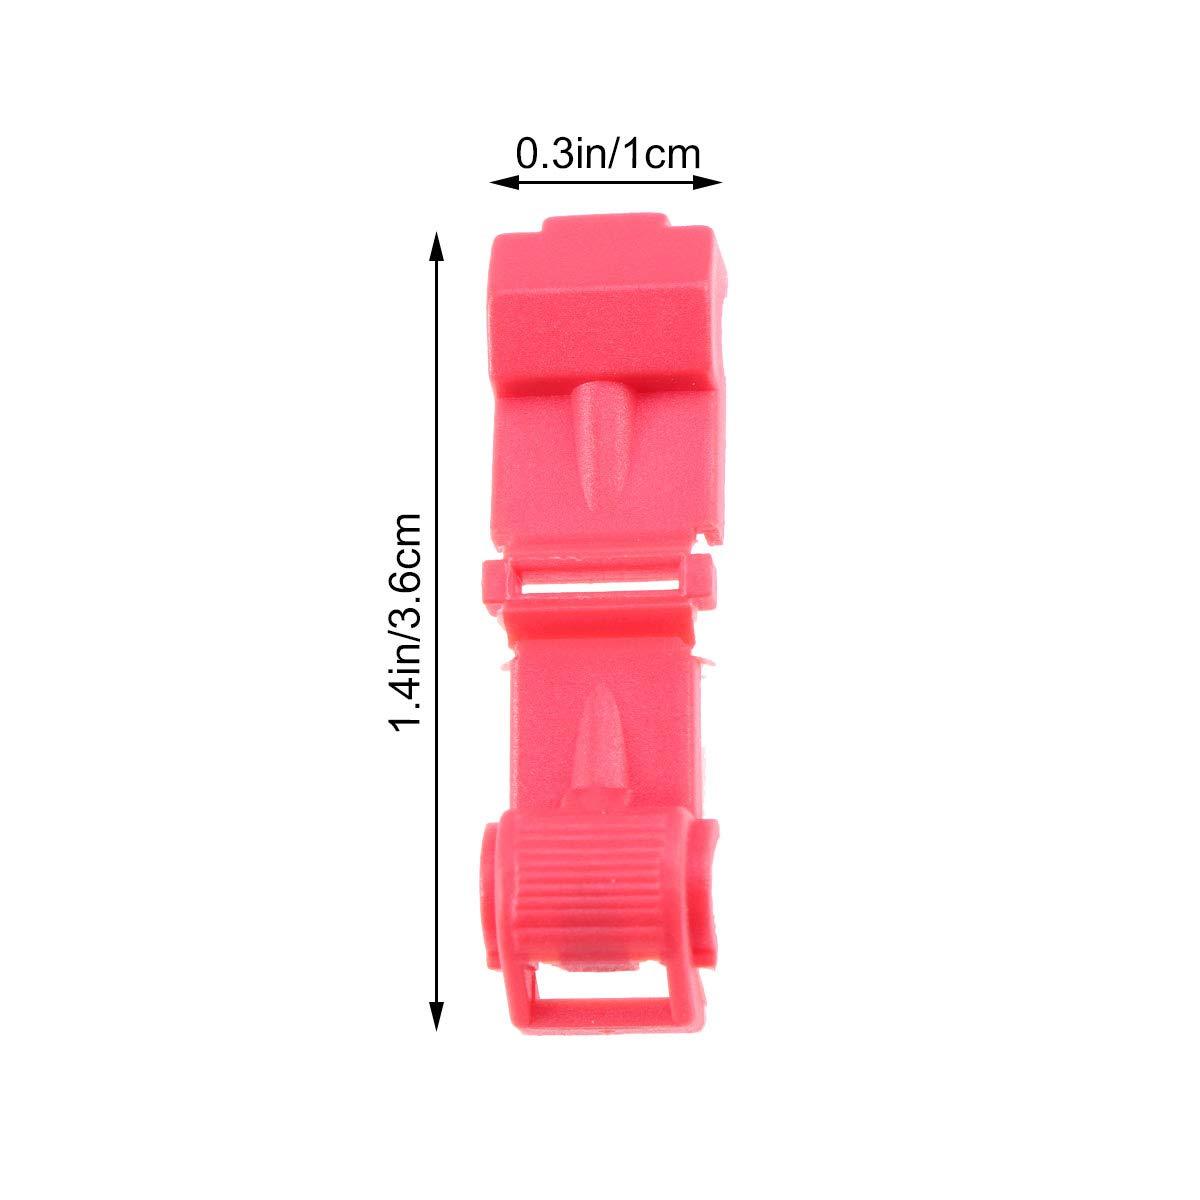 OUNONA 10PCS Scatole di derivazione Capicorda Connettore filo libero Morsetto non distruttivo Morsetto T1 Morsetto Connettore a forma di T rosso